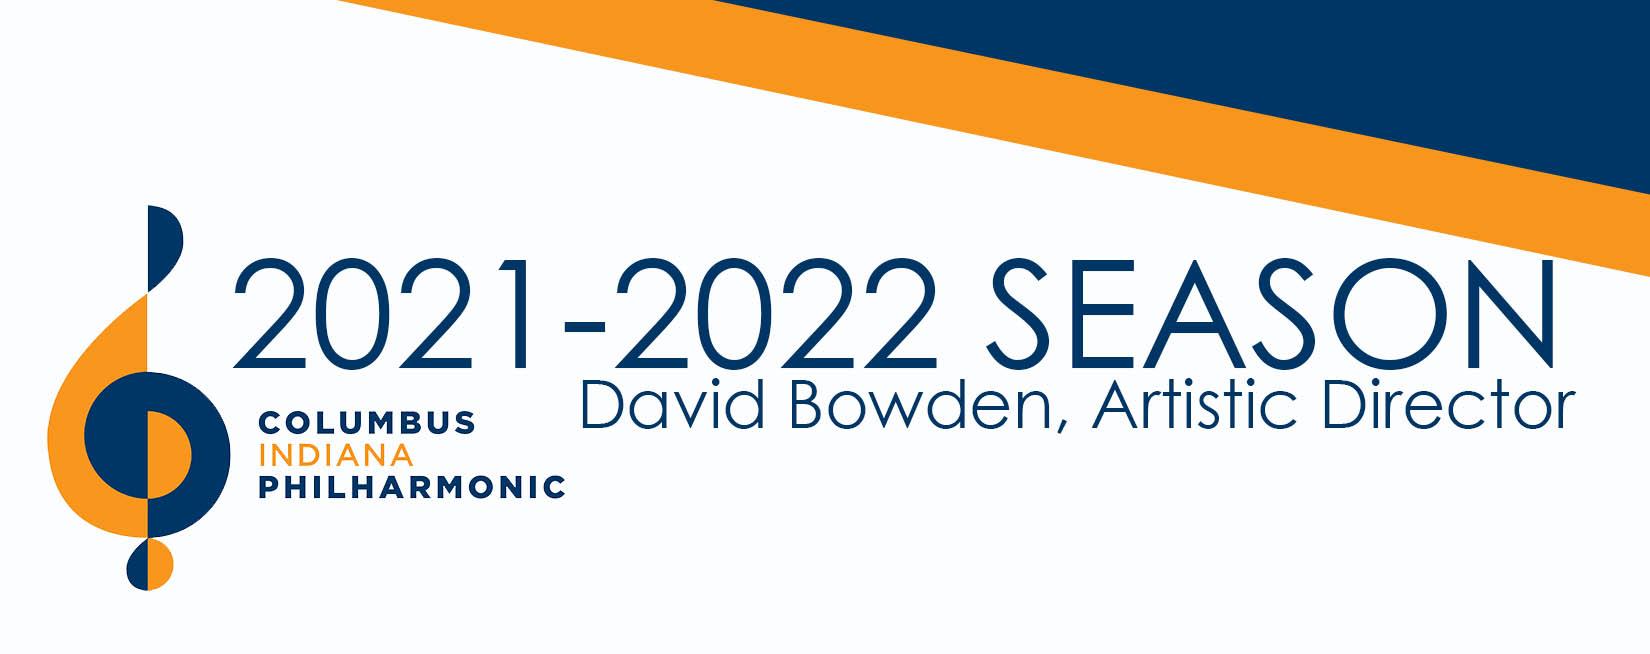 2021-2022 Season Announcement